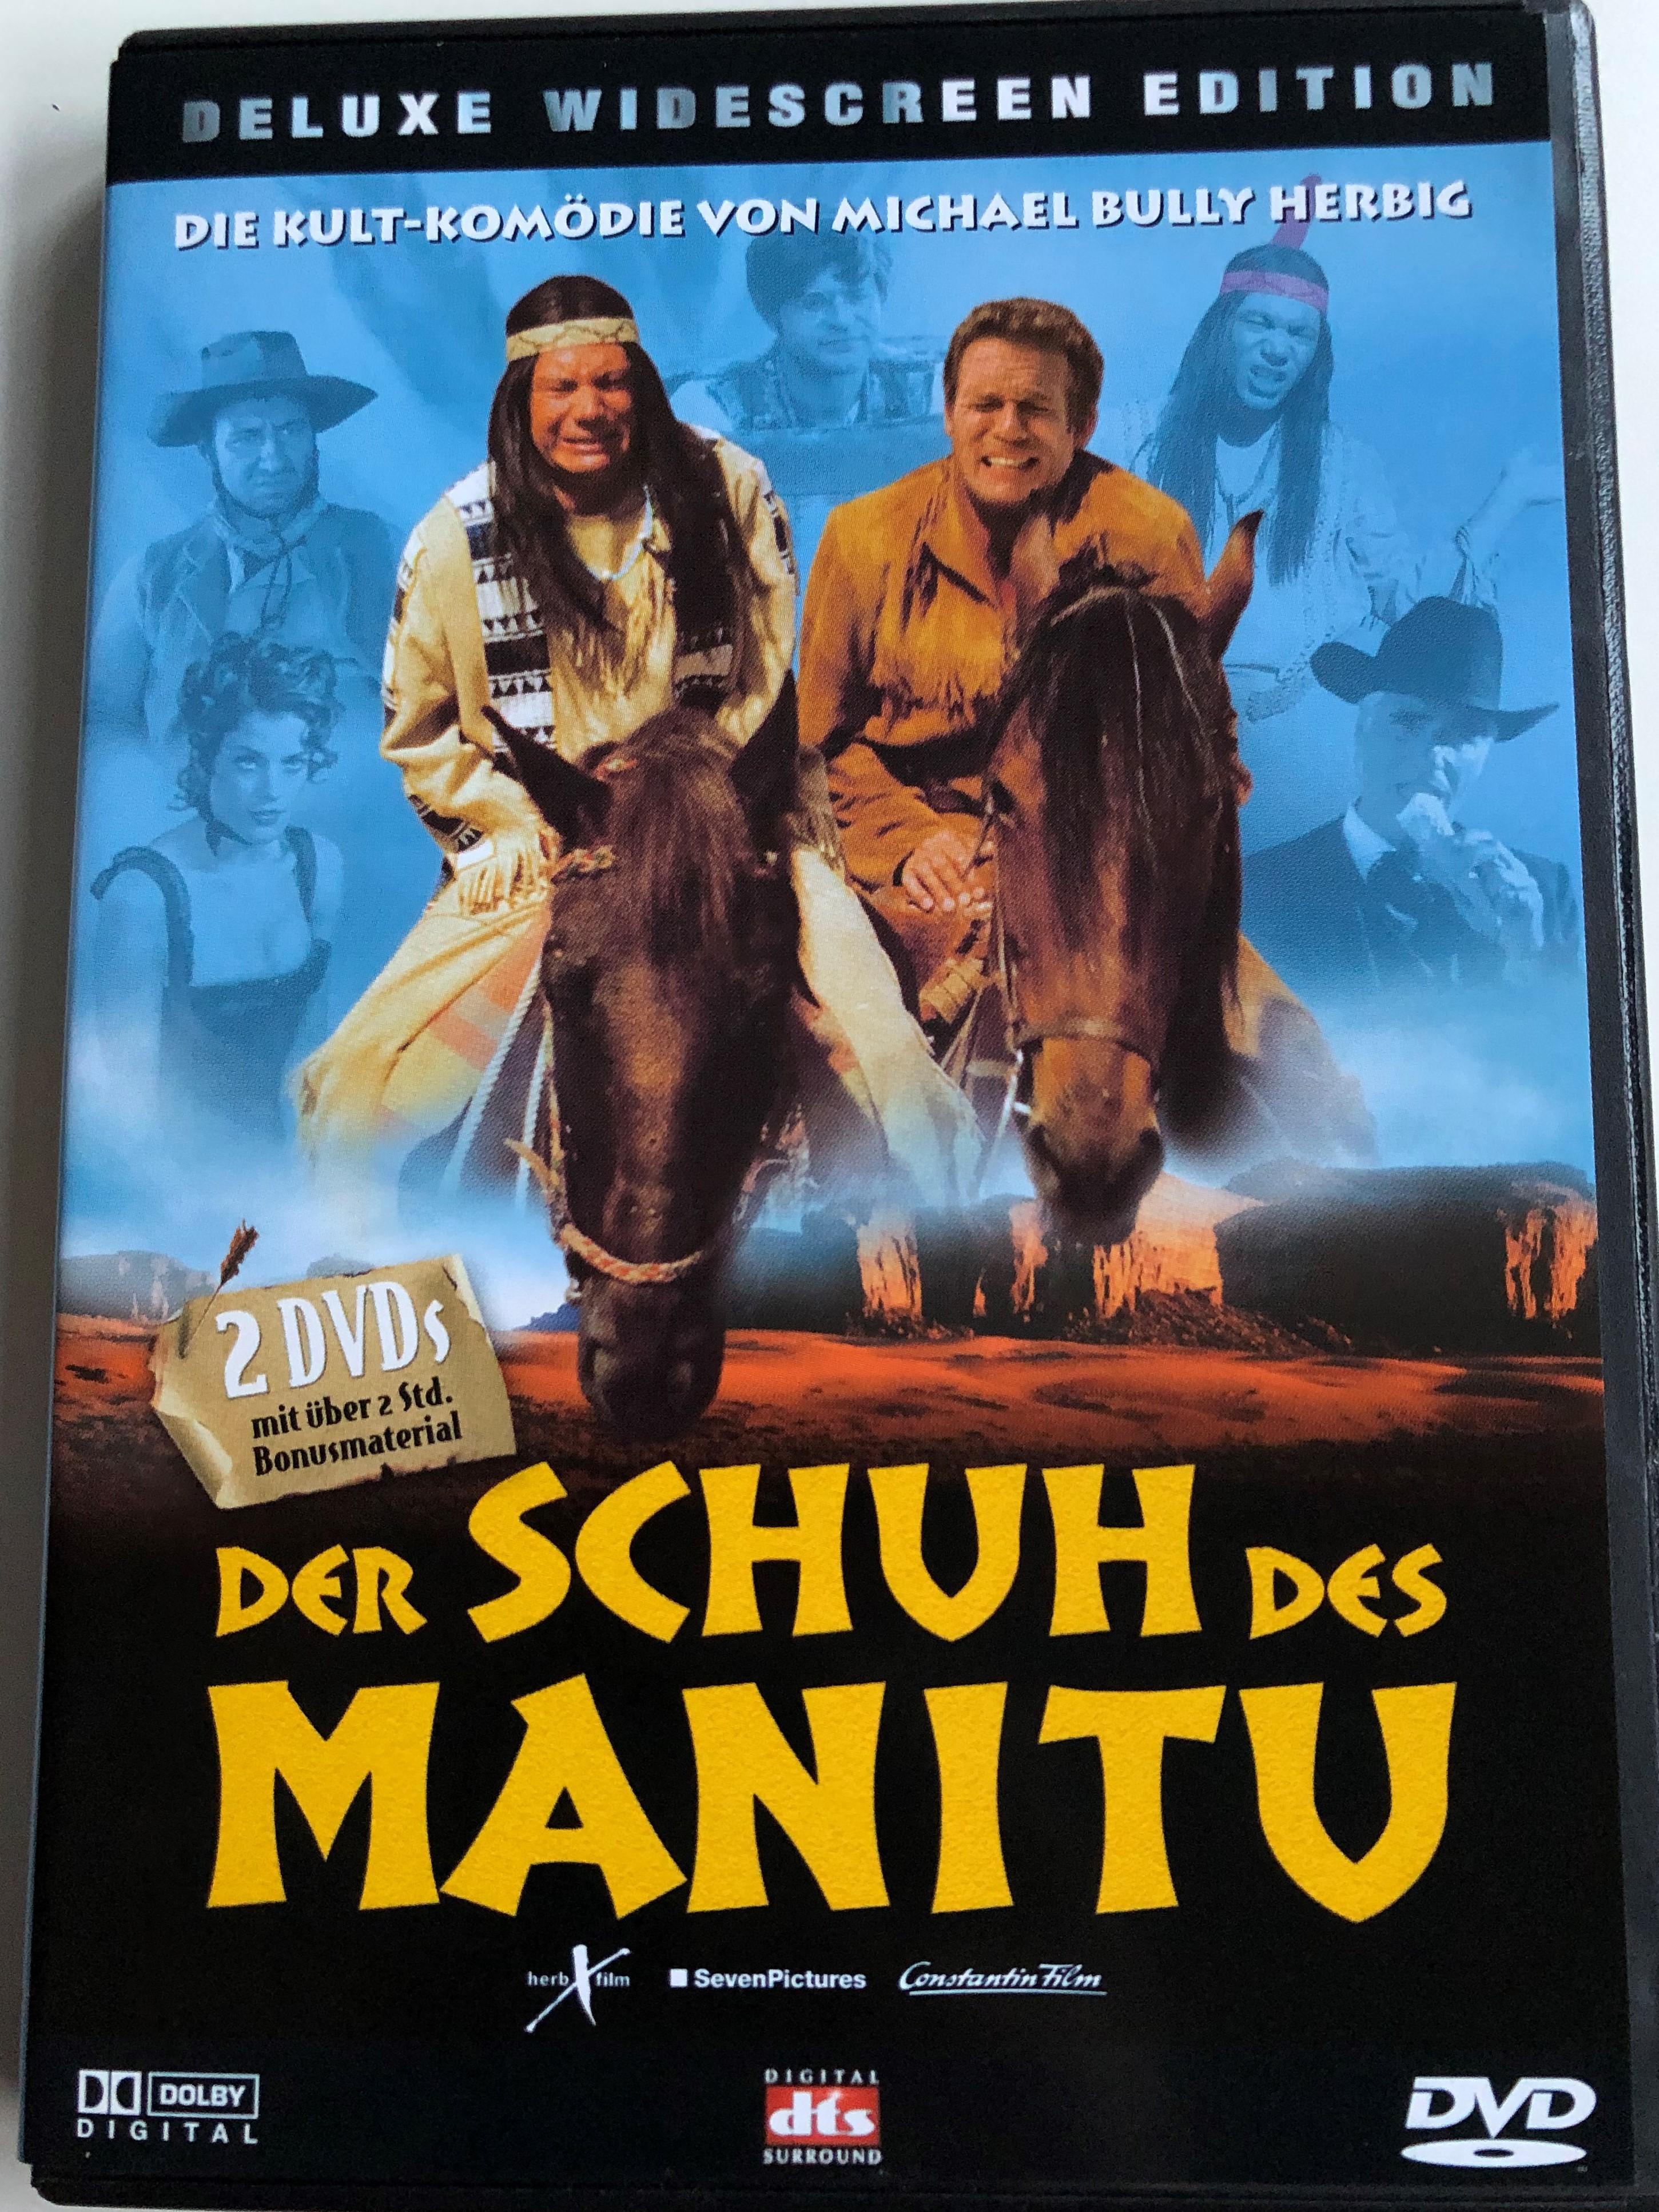 der-schuh-des-manitu-dvd-2001-manitou-s-shoe-1.jpg